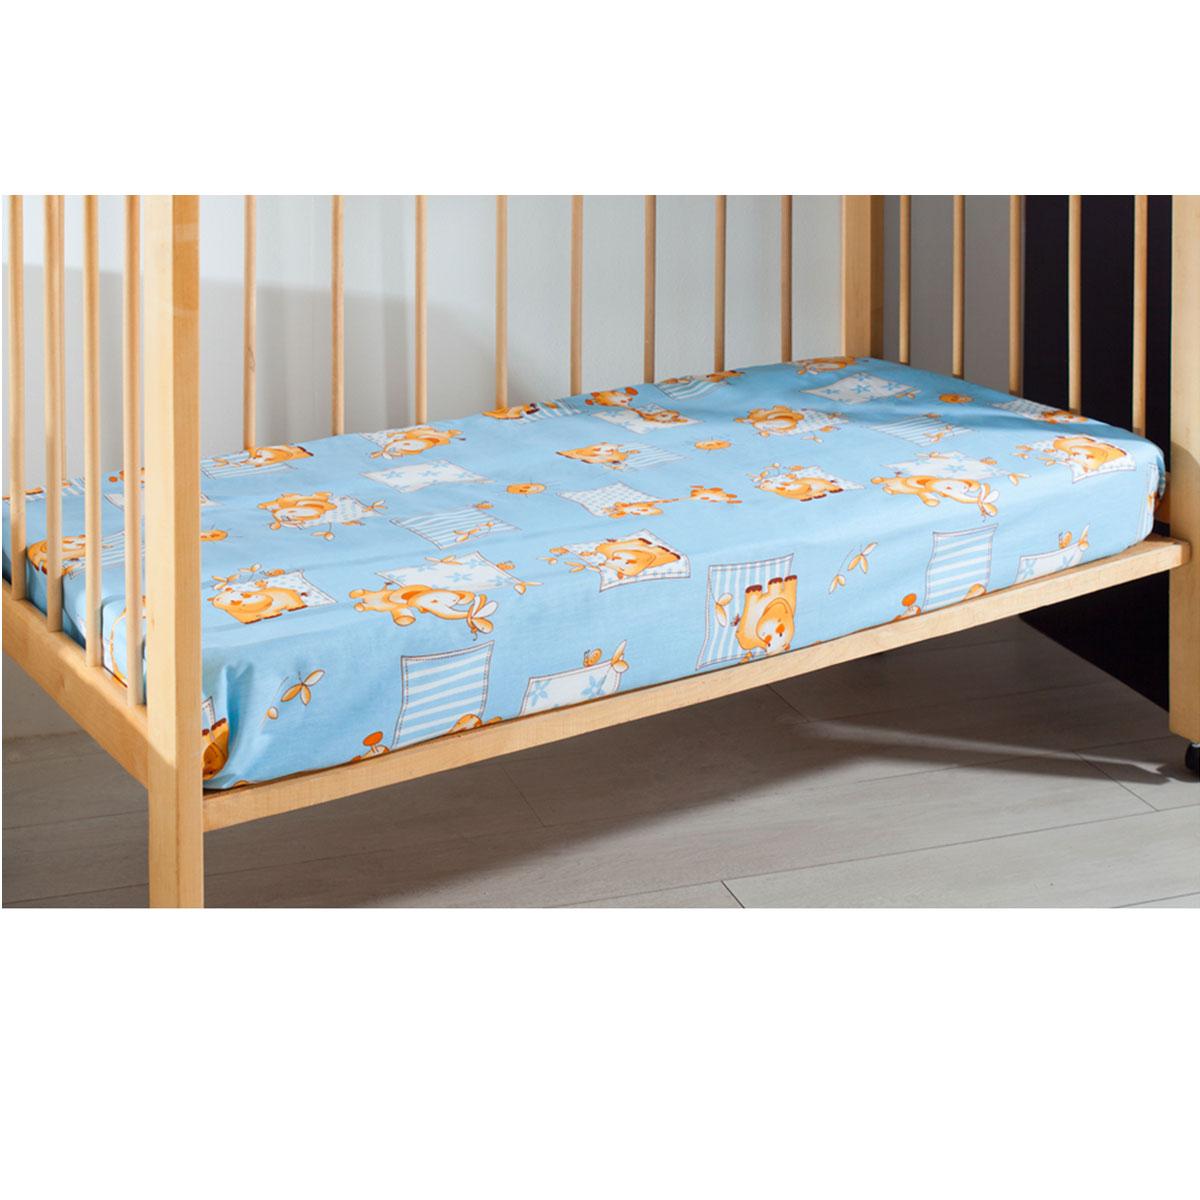 Простыня на резинке детская Primavelle, цвет: голубой, 60 см х 120 см х 20 см114612110-18Мягкая простыня на резинке Primavelle идеально подойдет для кроватки вашего малыша и обеспечит ему здоровый сон. Она изготовлена из натурального 100% хлопка, дарящего малышу непревзойденную мягкость. Простыня с помощью специальной резинки растягивается на матрасе. Она не сомнется и не скомкается, как бы не вертелся ребенок. Подарите вашему малышу комфорт и удобство! Размер простыни: 60 см х 120 см х 20 см.